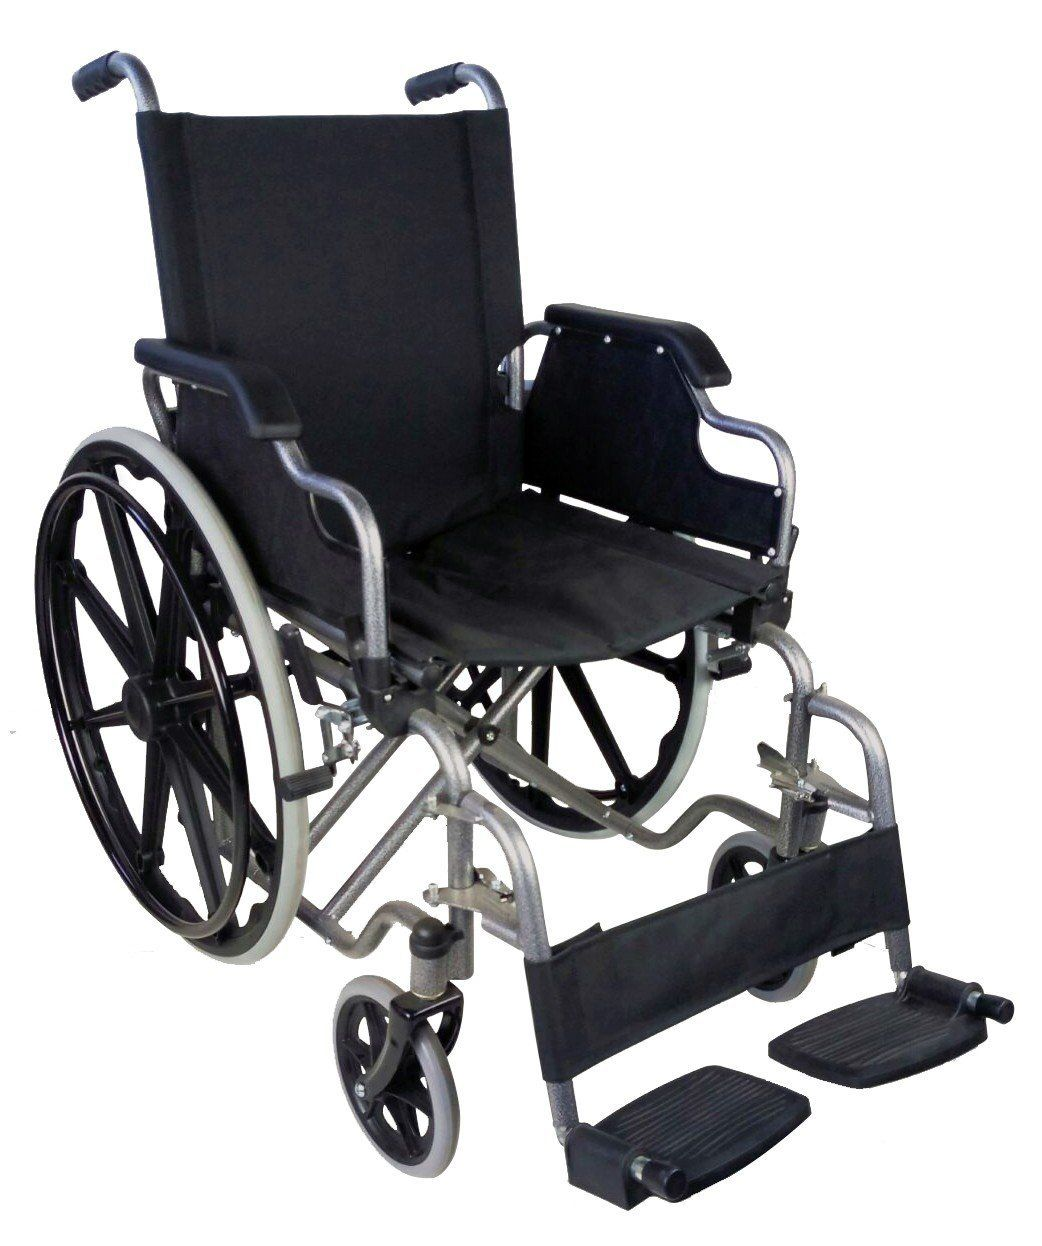 silla de ruedas plegable y autopropulsable fisioterapia lesiones tratamientos cursos. Black Bedroom Furniture Sets. Home Design Ideas